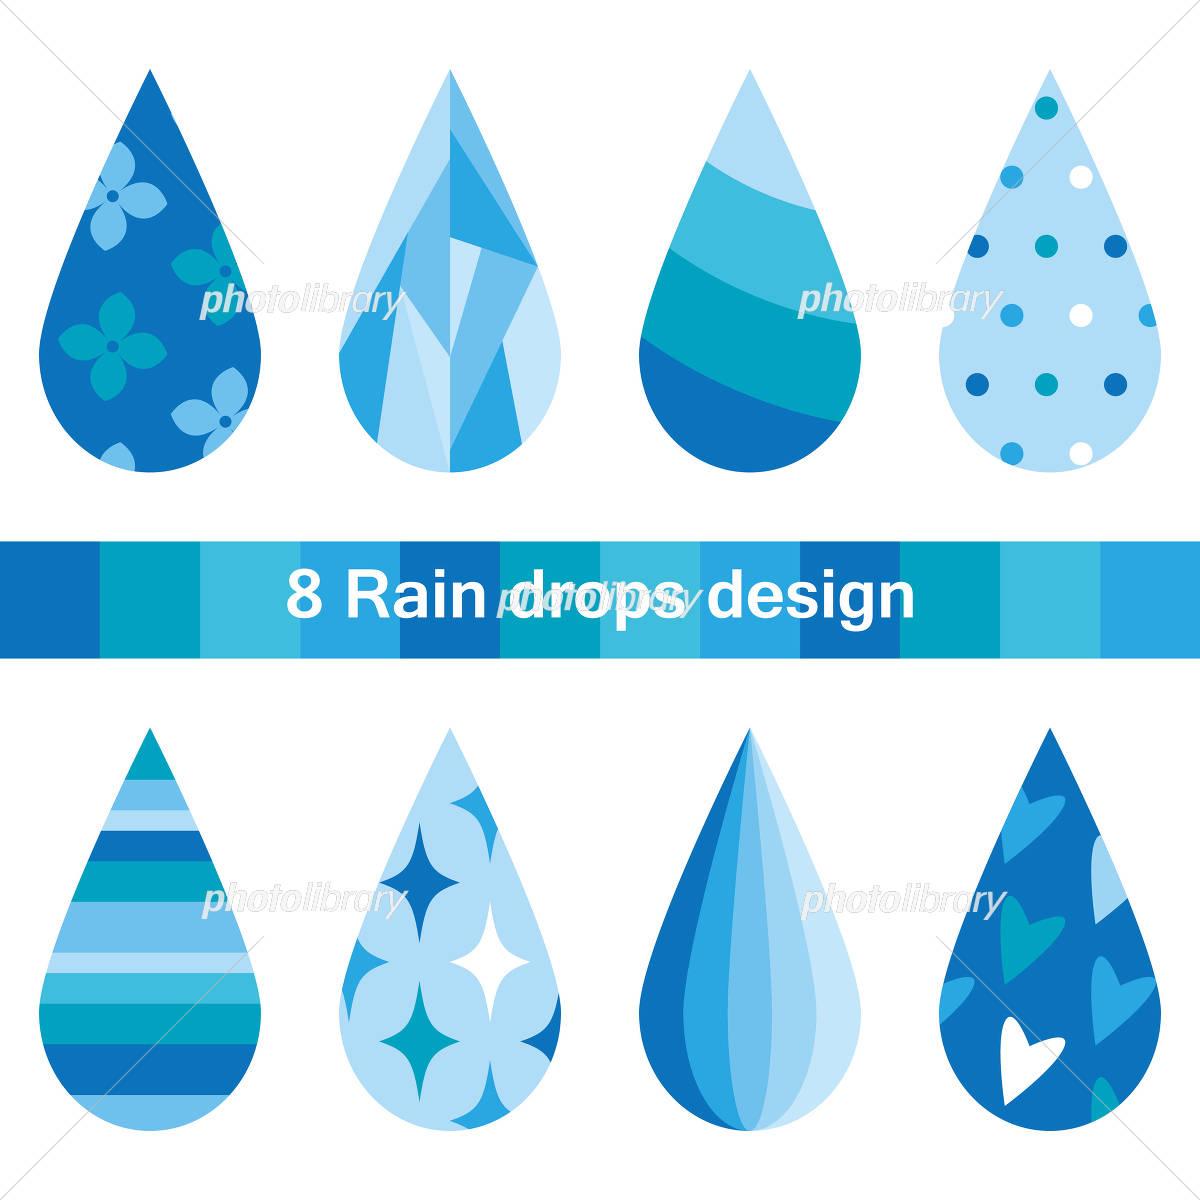 8つのしずくデザイン イラスト素材 4233901 フォトライブラリー